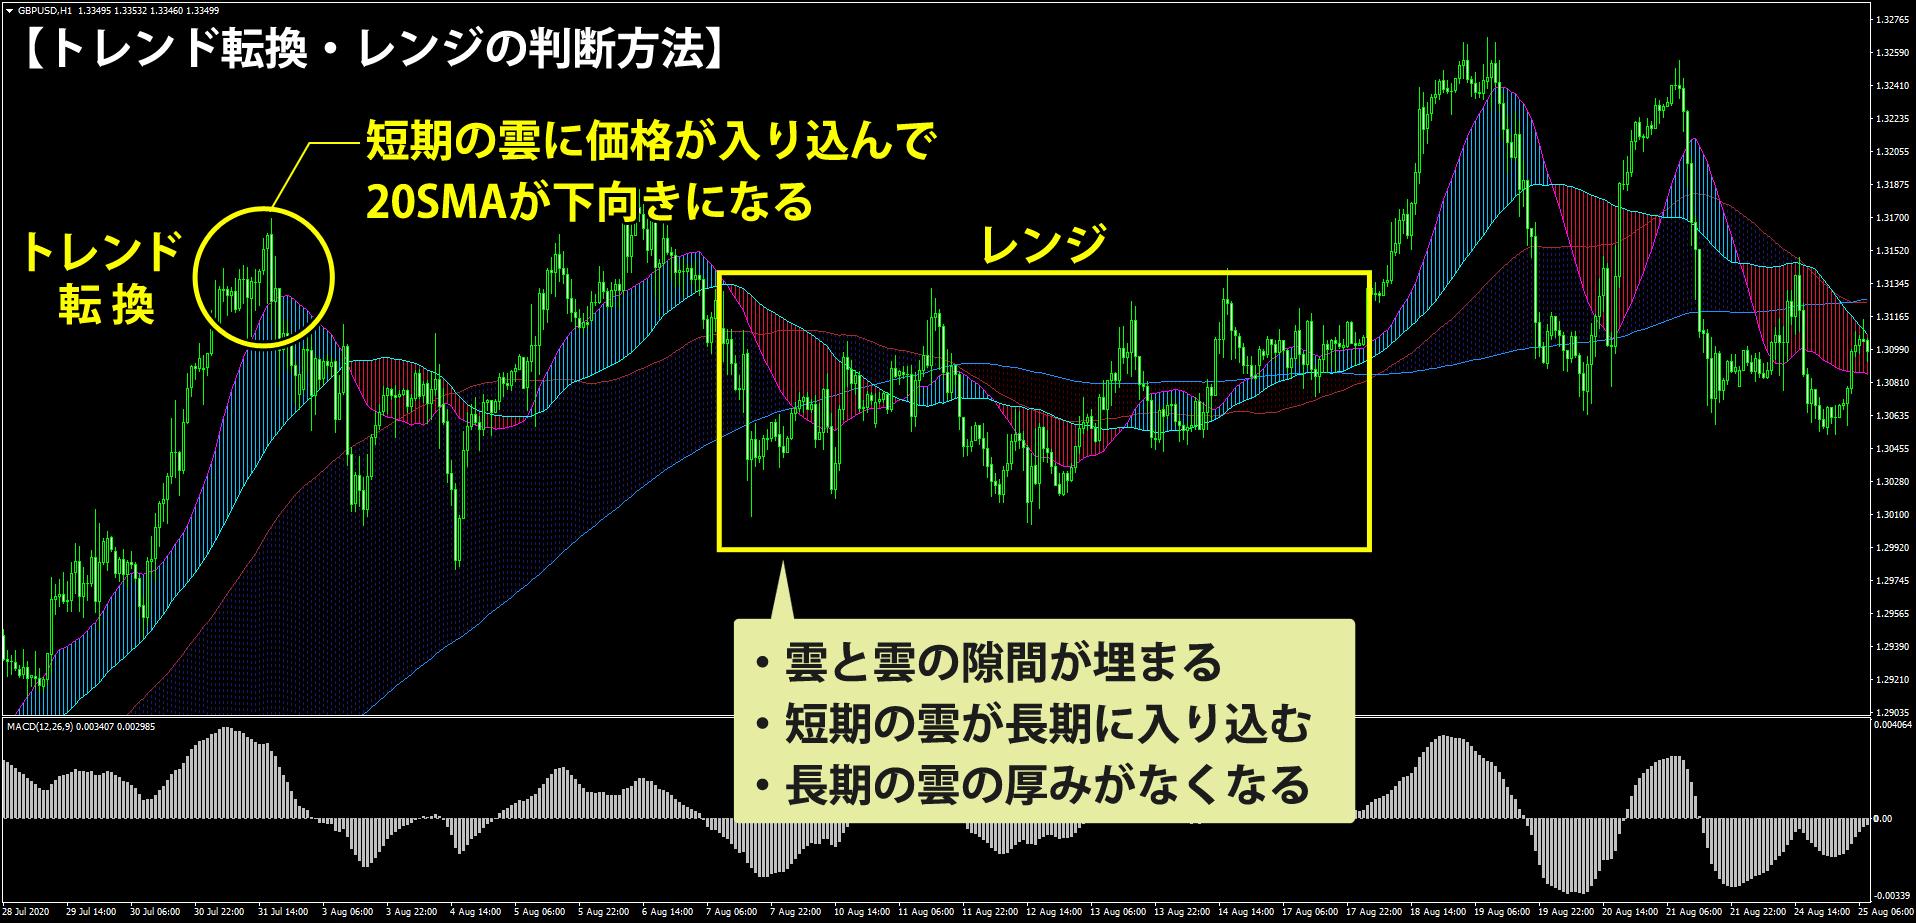 MA ribbon(=移動平均線)を使うトレンド転換・レンジの判断方法